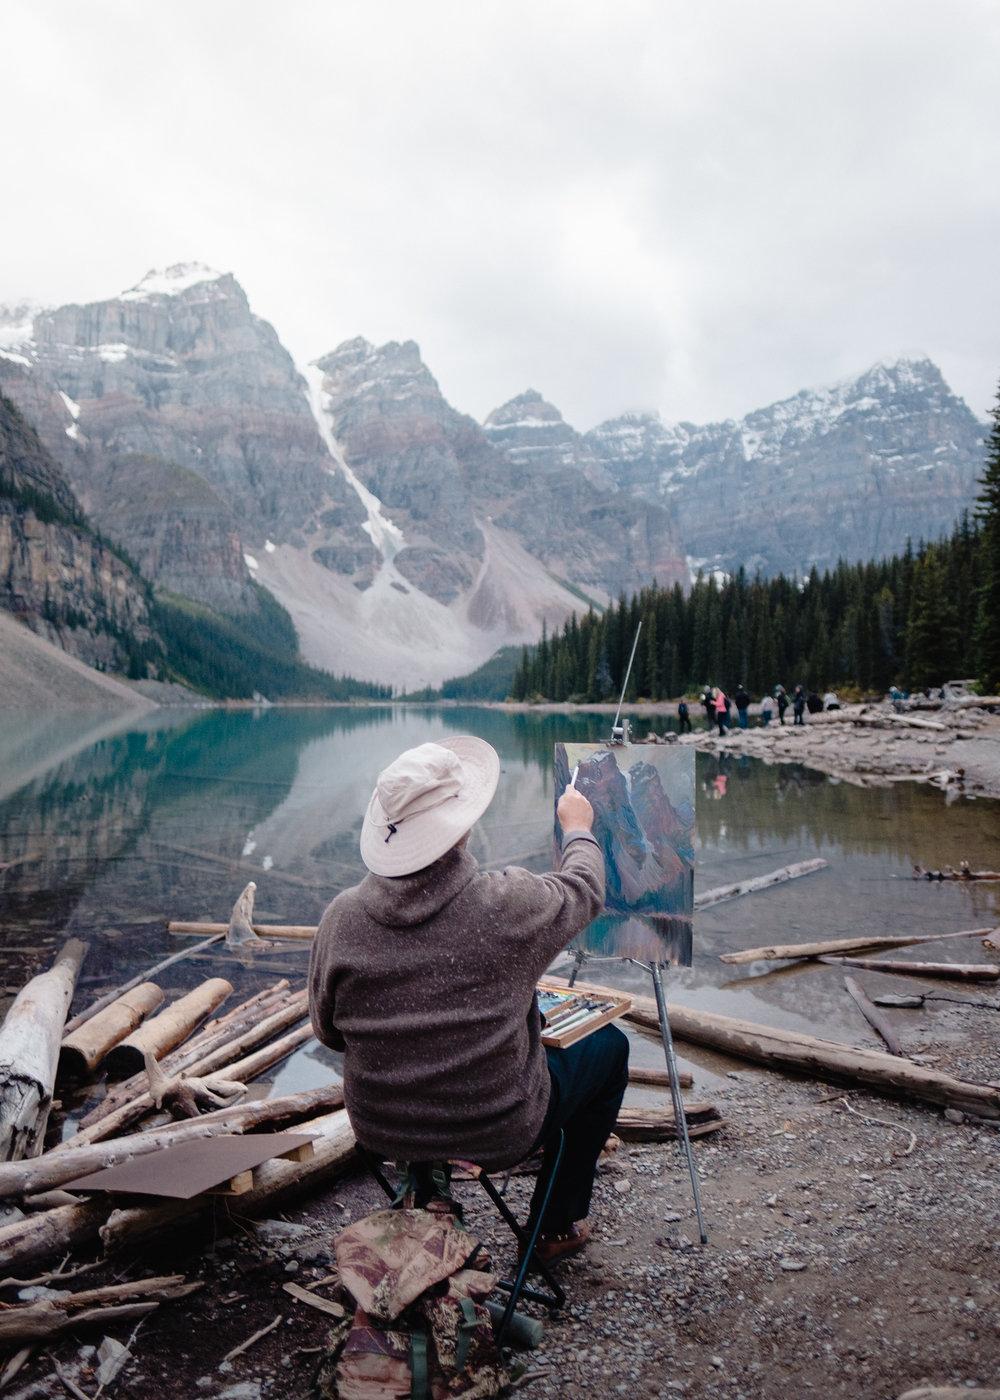 Banff-Canada-Gallery-5.jpg